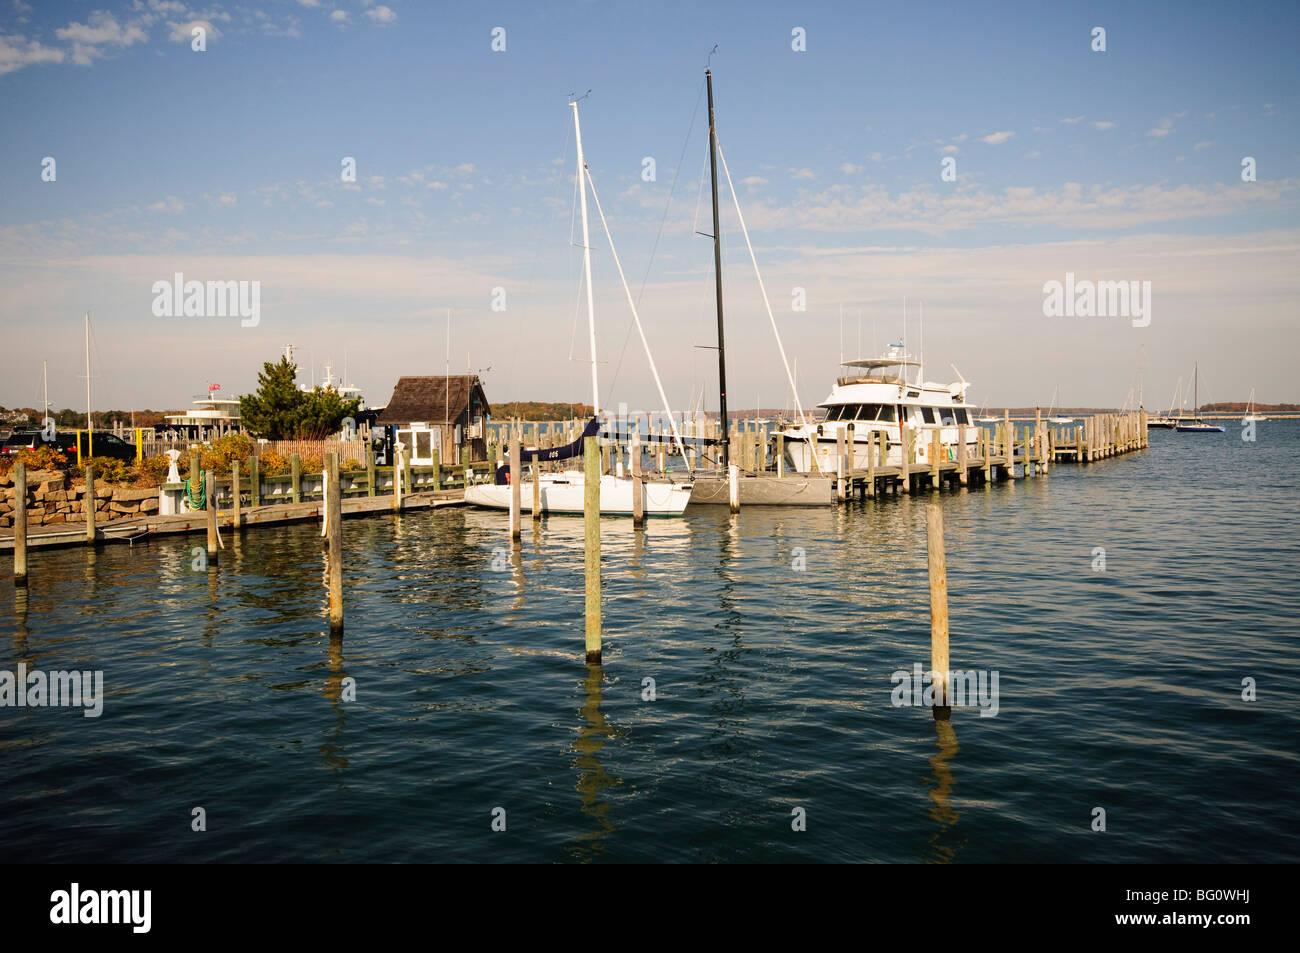 Sag Harbor, les Hamptons, Long Island, État de New York, États-Unis d'Amérique, Amérique Photo Stock